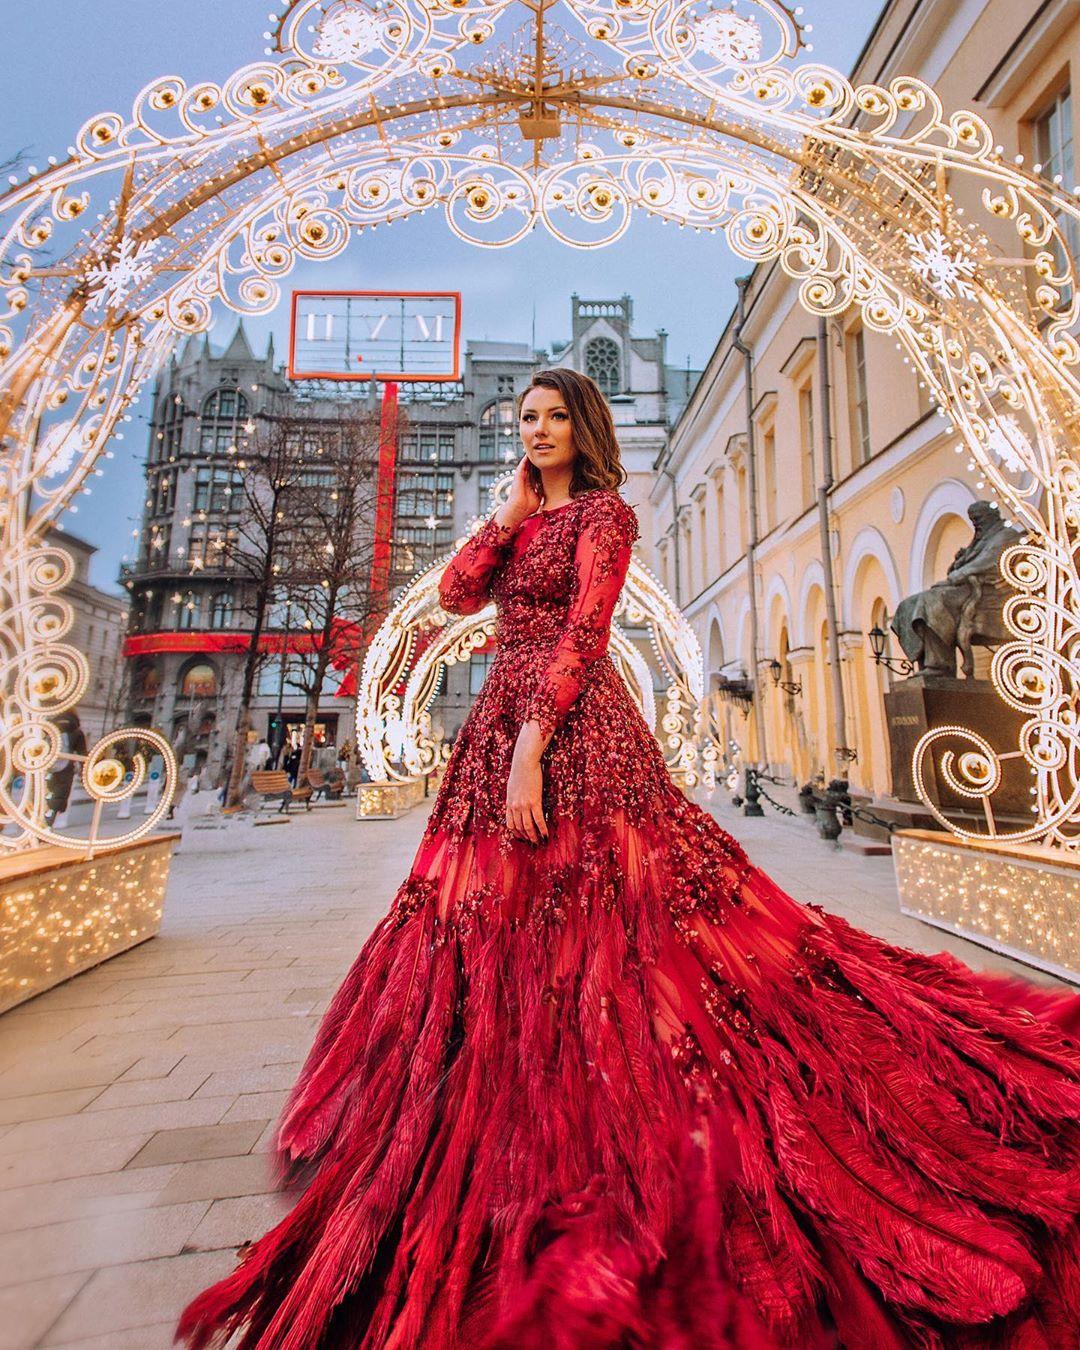 Девушка в красном платье с перьями на фоне ЦУМа